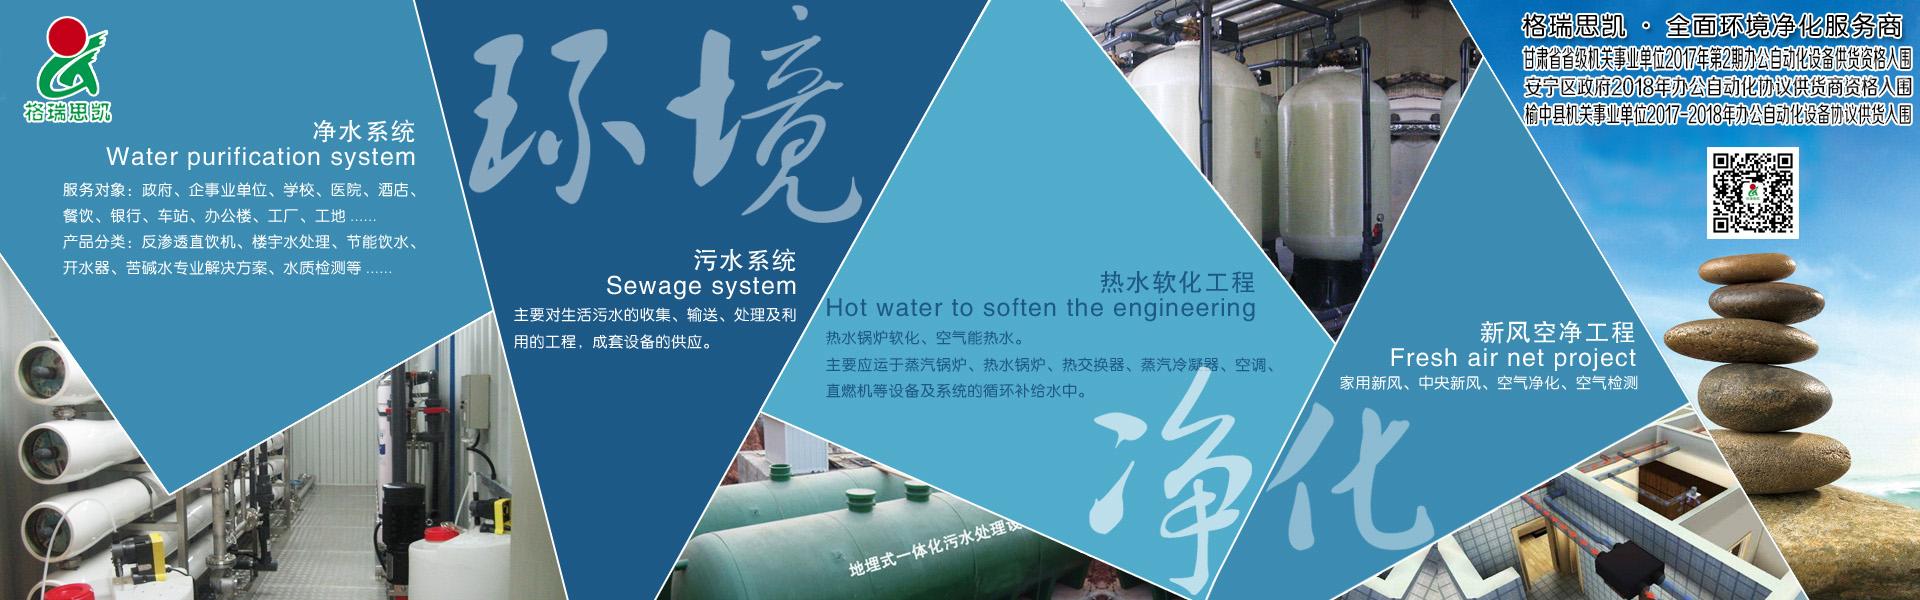 甘肃格瑞思凯环保科技有限公司(13993186719)兰州专业水处理|净水器|节能饮水机|污水处理|新风系统|甲醛检测及治理|反渗透直饮水设备公司